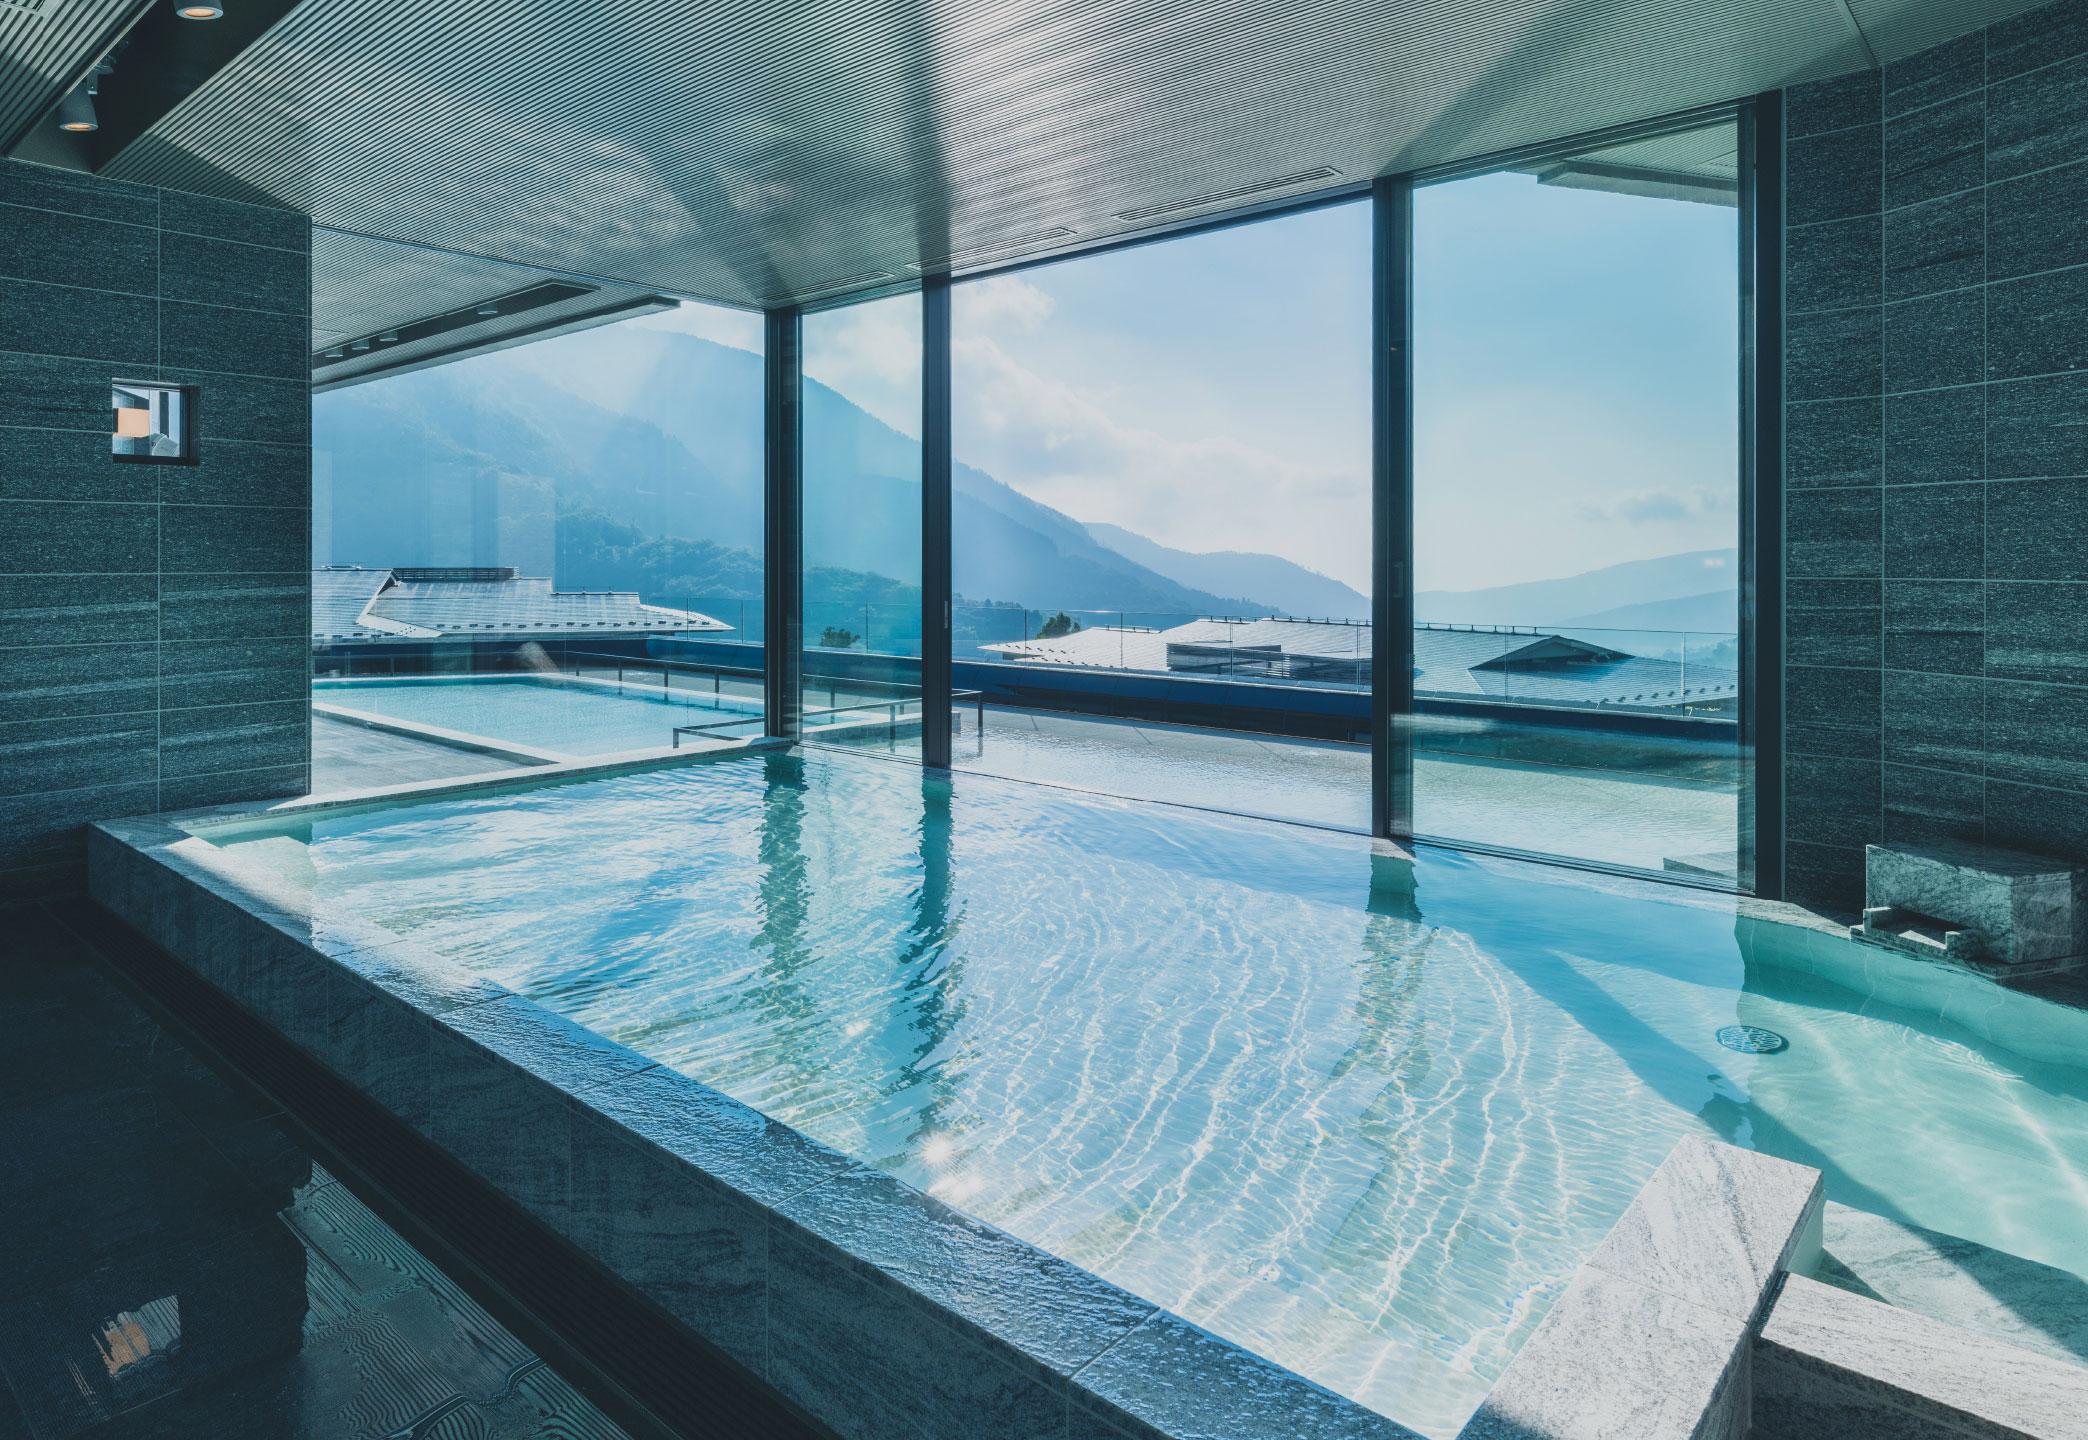 【公式】箱根・強羅 佳ら久 - 全室に露天風呂を備えた温泉旅館 2020年10月2日開業